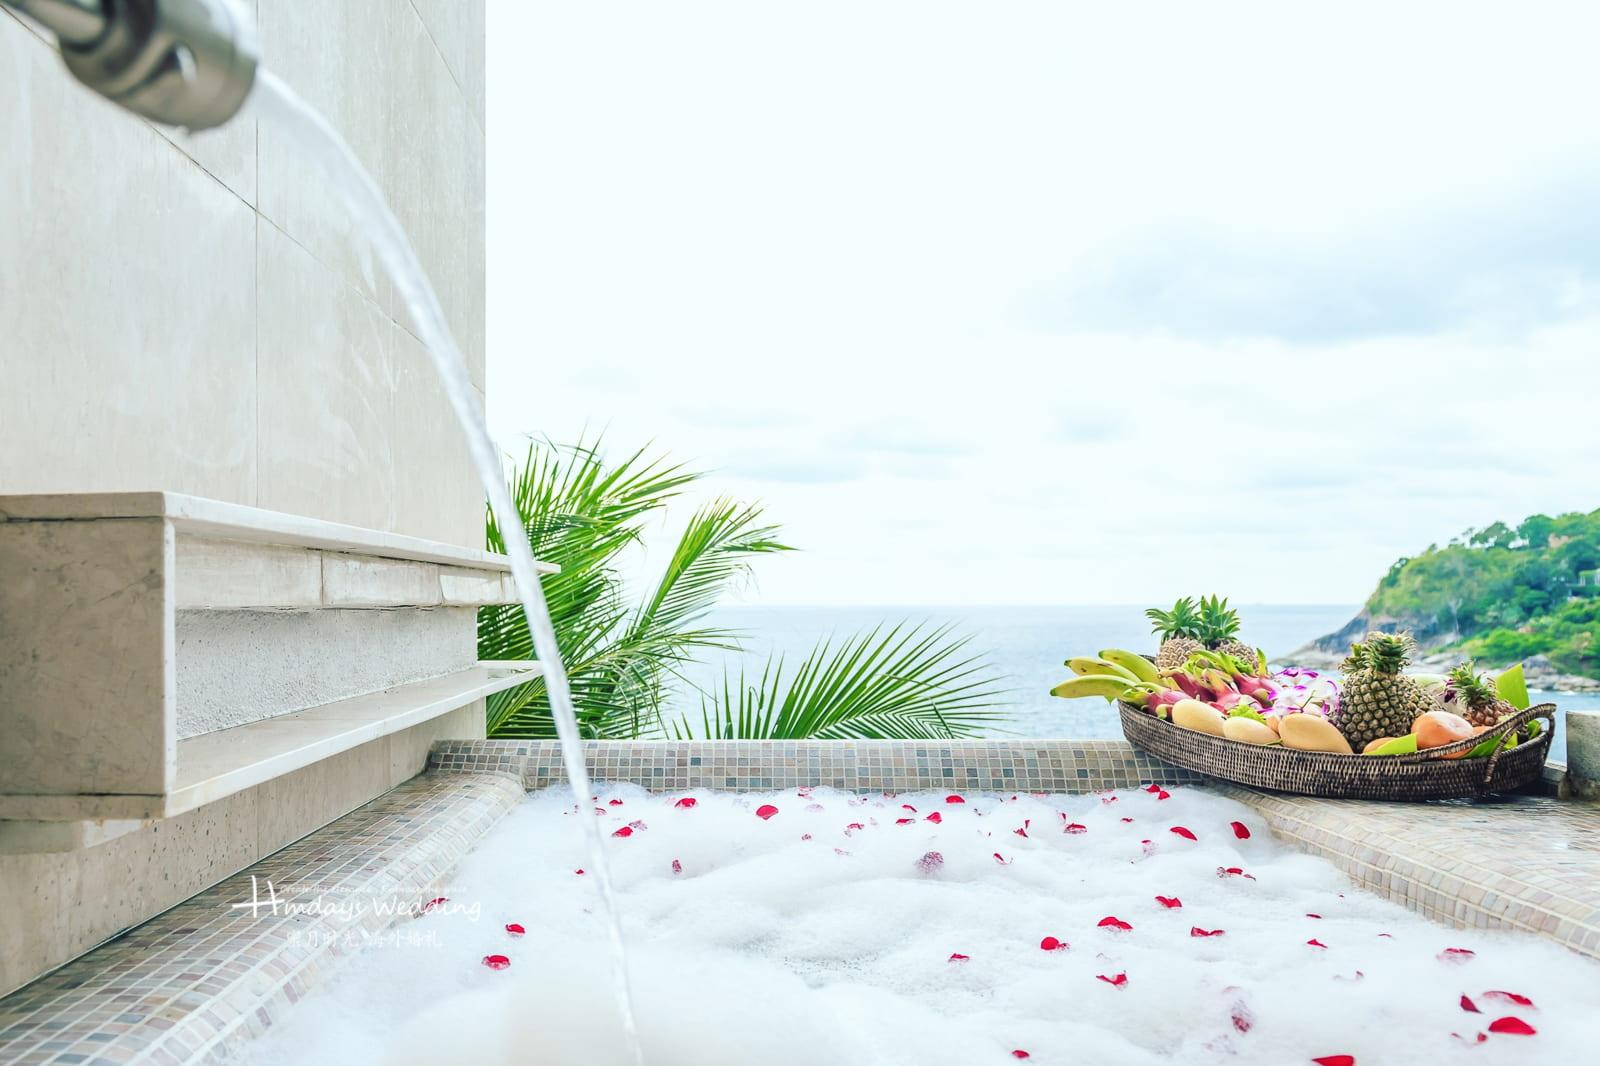 Qastle别墅景观 普吉岛天空之城婚礼